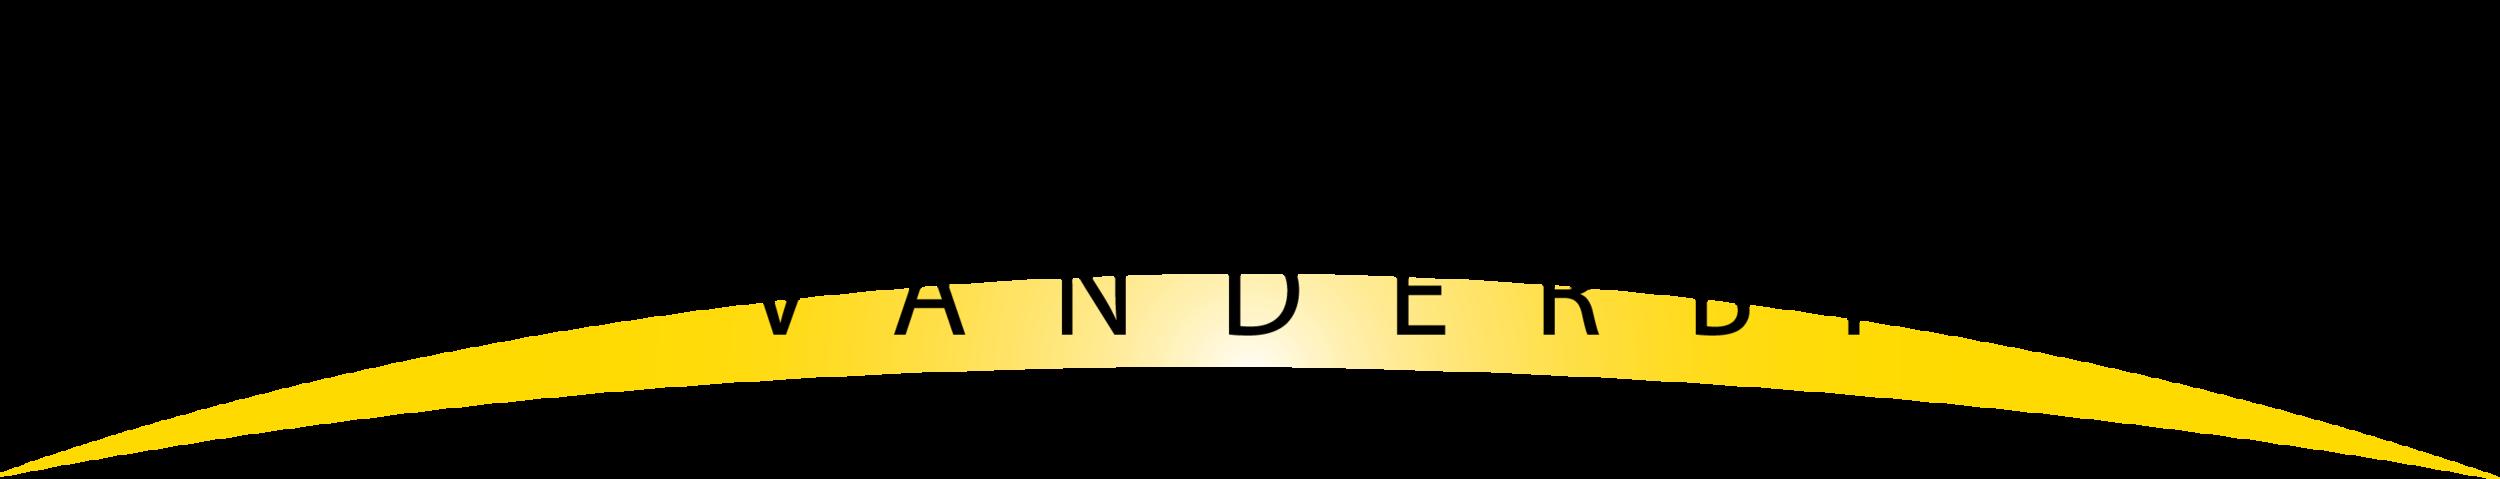 ssmv-logo-300dpi